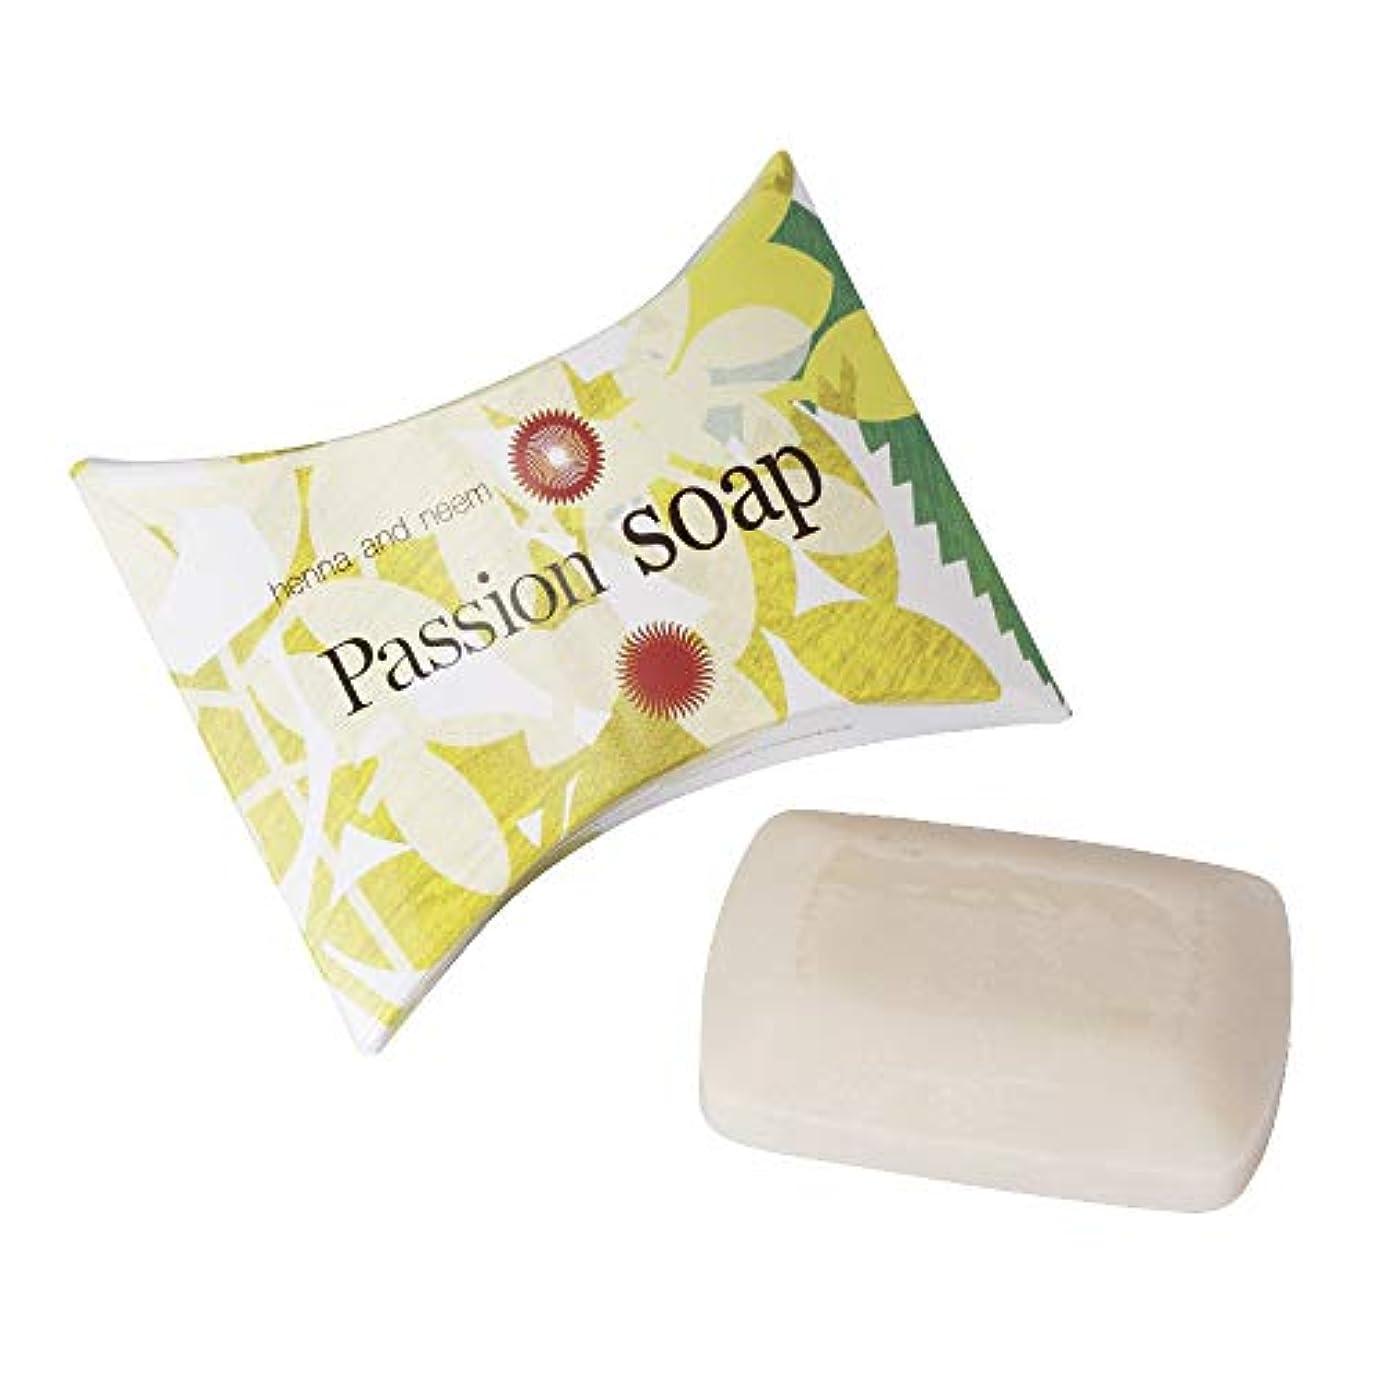 罪悪感肩をすくめる結婚式ヘナソープ PASSION SOAP 天然サポニンで洗う優しいハーブ石鹸